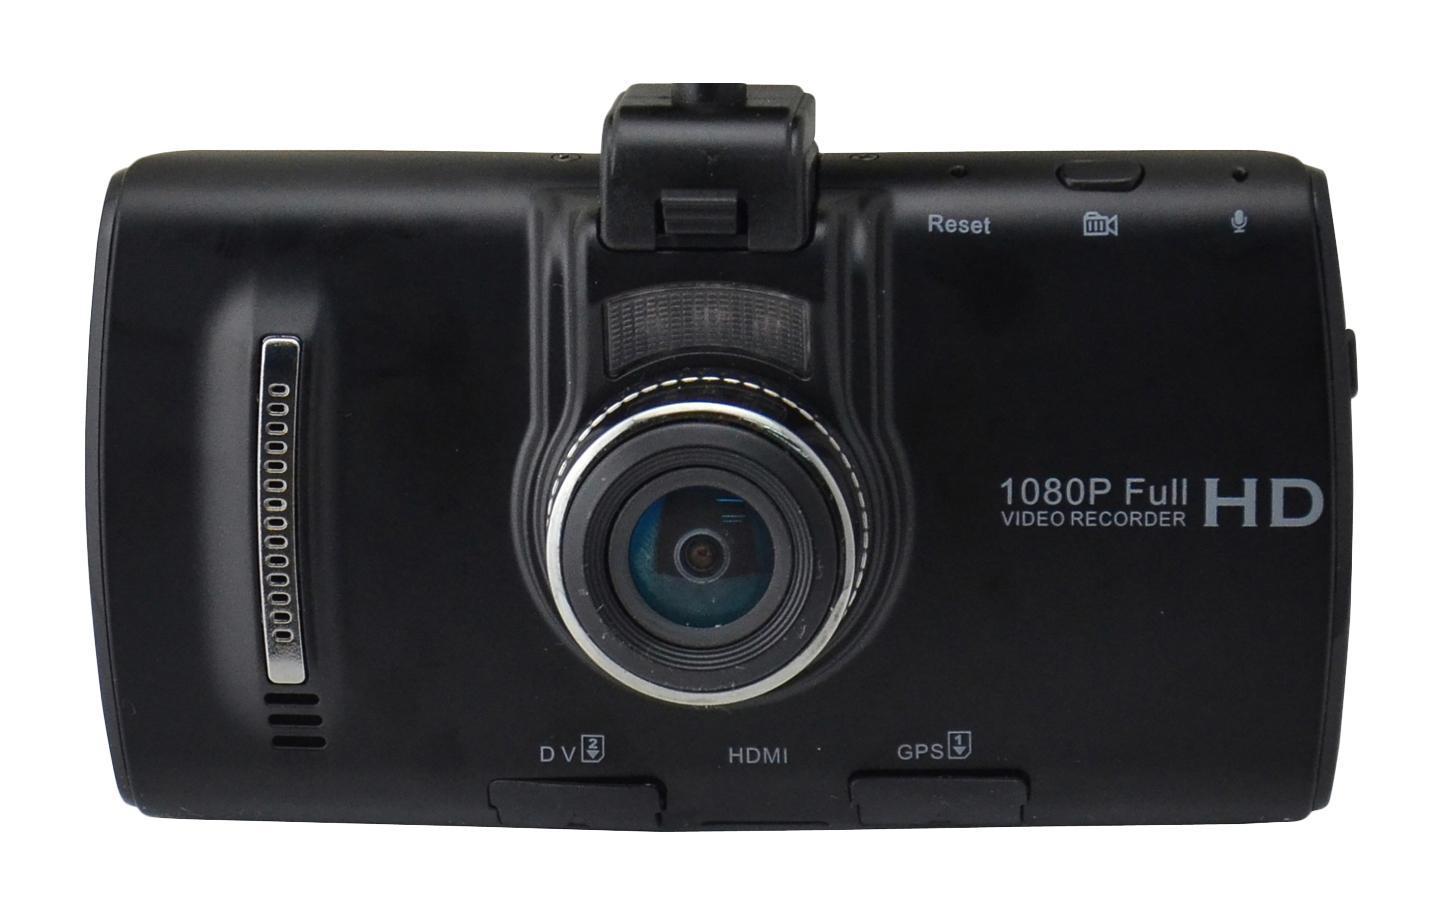 Supra SCR-1000NAD Navitel видеорегистратор7346SUPRA SCR-1000NAD – это и навигатор, и регистратор, и планшет одновременно. Решение само по себе смелое, инновационное и нужное. Но, самое главное, продуманное и комплексное. Это не компот из нескольких компонентов, а сочетание трех полноценных устройств в одном. Смотрите, от регистратора здесь камера 2МП с потрясающим углом обзора 170 градусов, разрешением 1920х1080 (30 кадров в секунду) и светодиодной подсветкой.От навигатора – модуль GPS с новейшим ПО Навител. Наконец, от планшета – 4-х дюймовый цветной экран с функцией Touch Screen и операционная система Android.